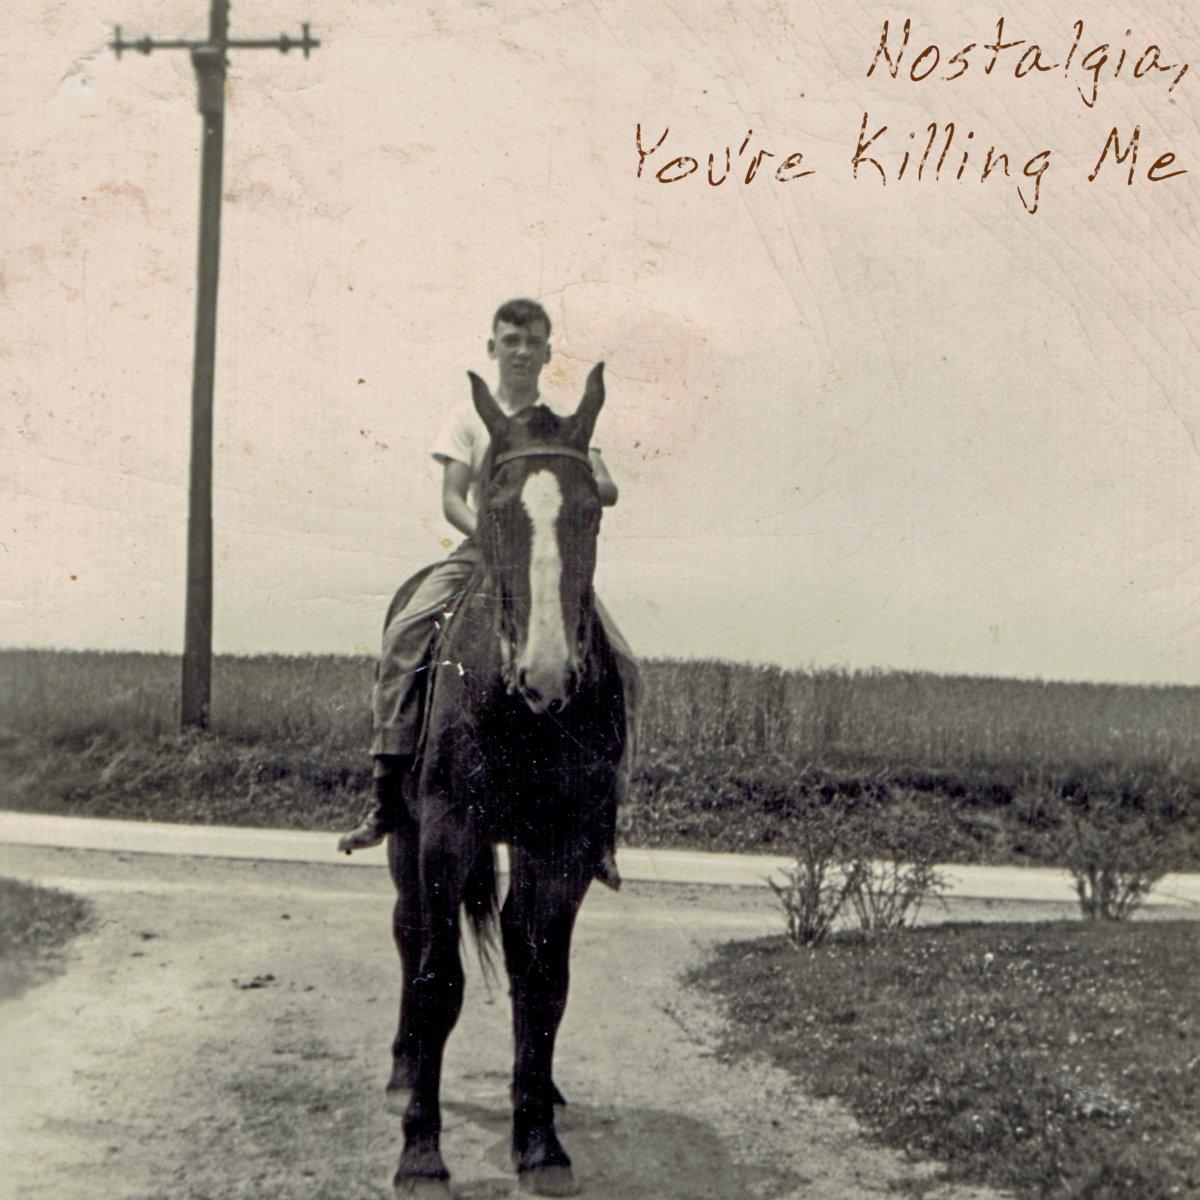 Holy Moly – Nostalgia, You're Killing Me